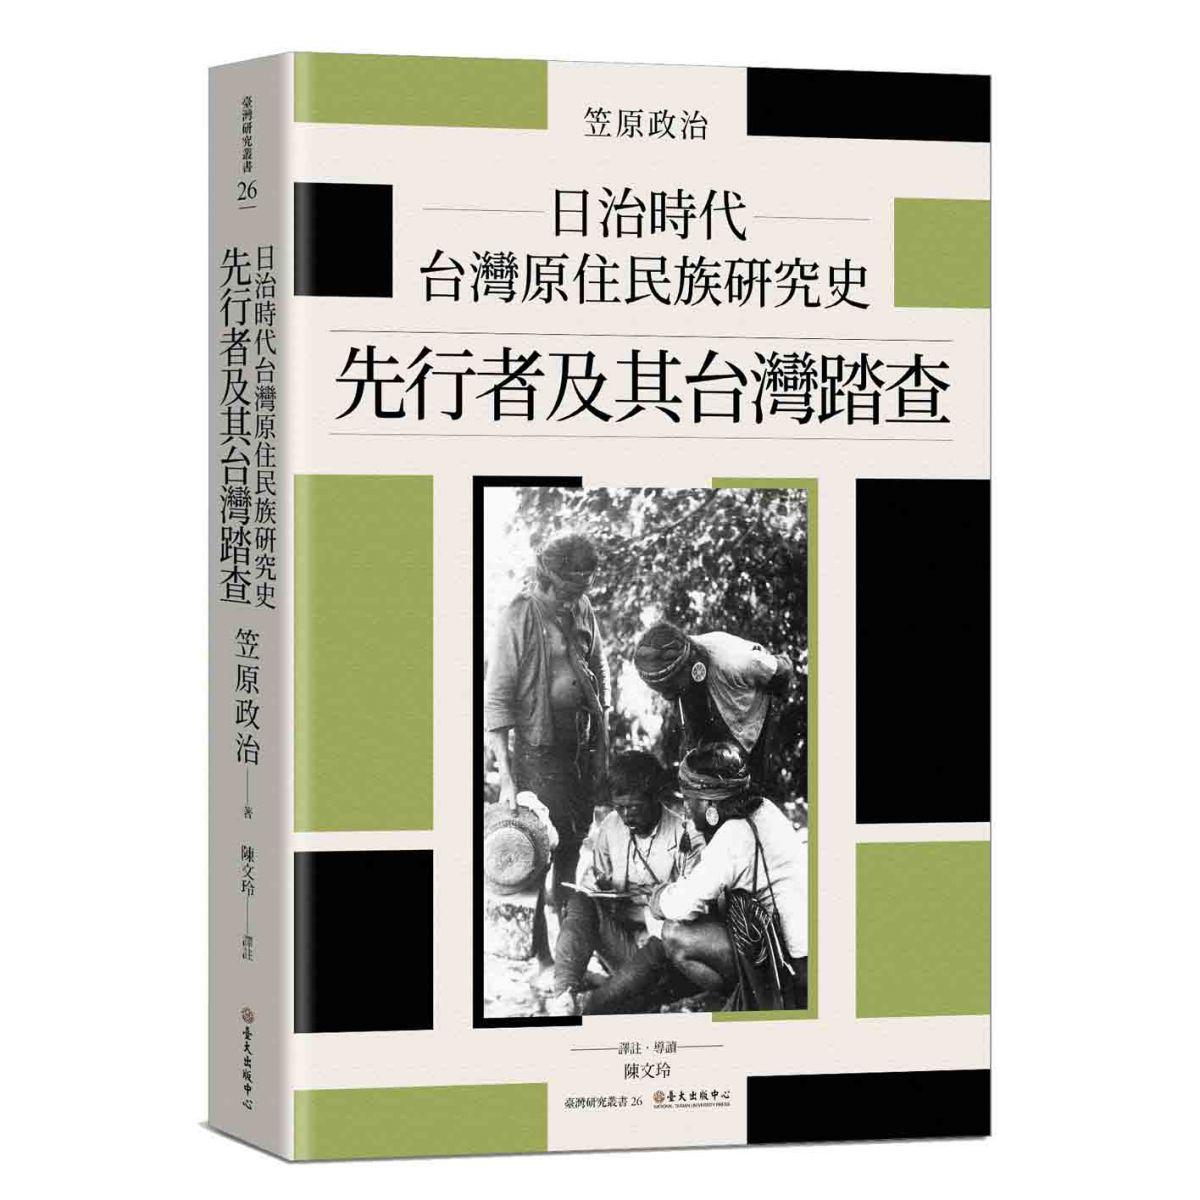 《日治時代台灣原住民族研究史》系統性追溯原住民族全體分類軌跡